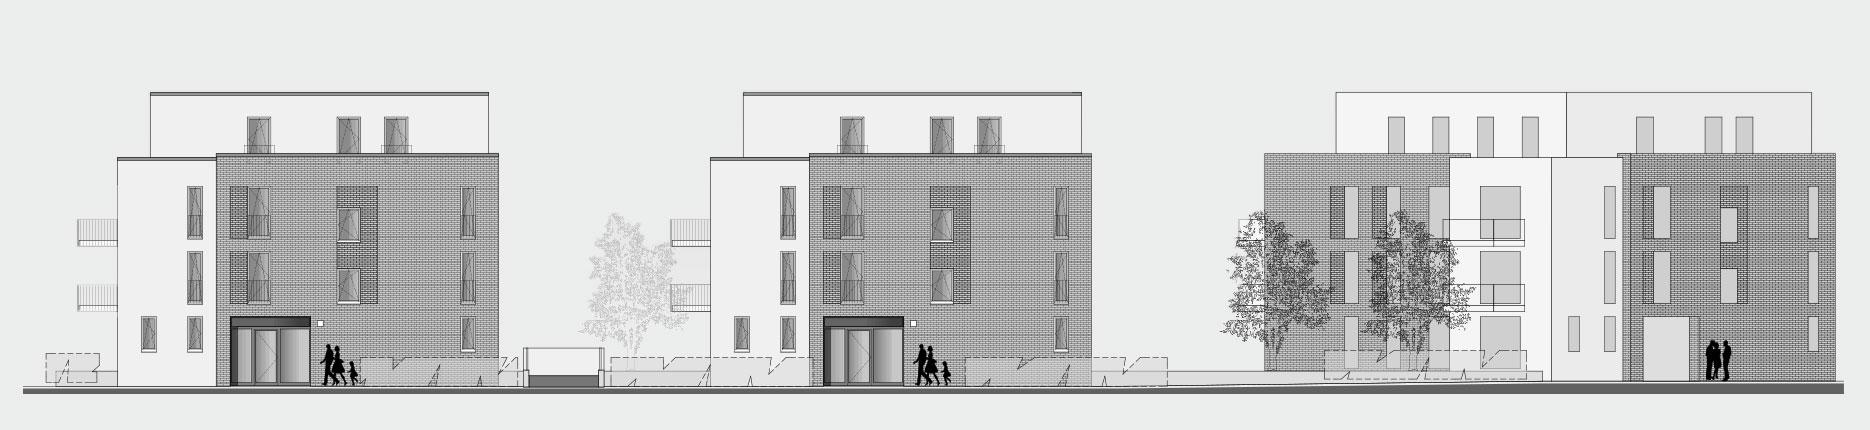 Architekturzeichnung - Diese Zeichnung zeigt ein Bauprojekt für Kapitalanleger in Hamburg Farmsen-Berne